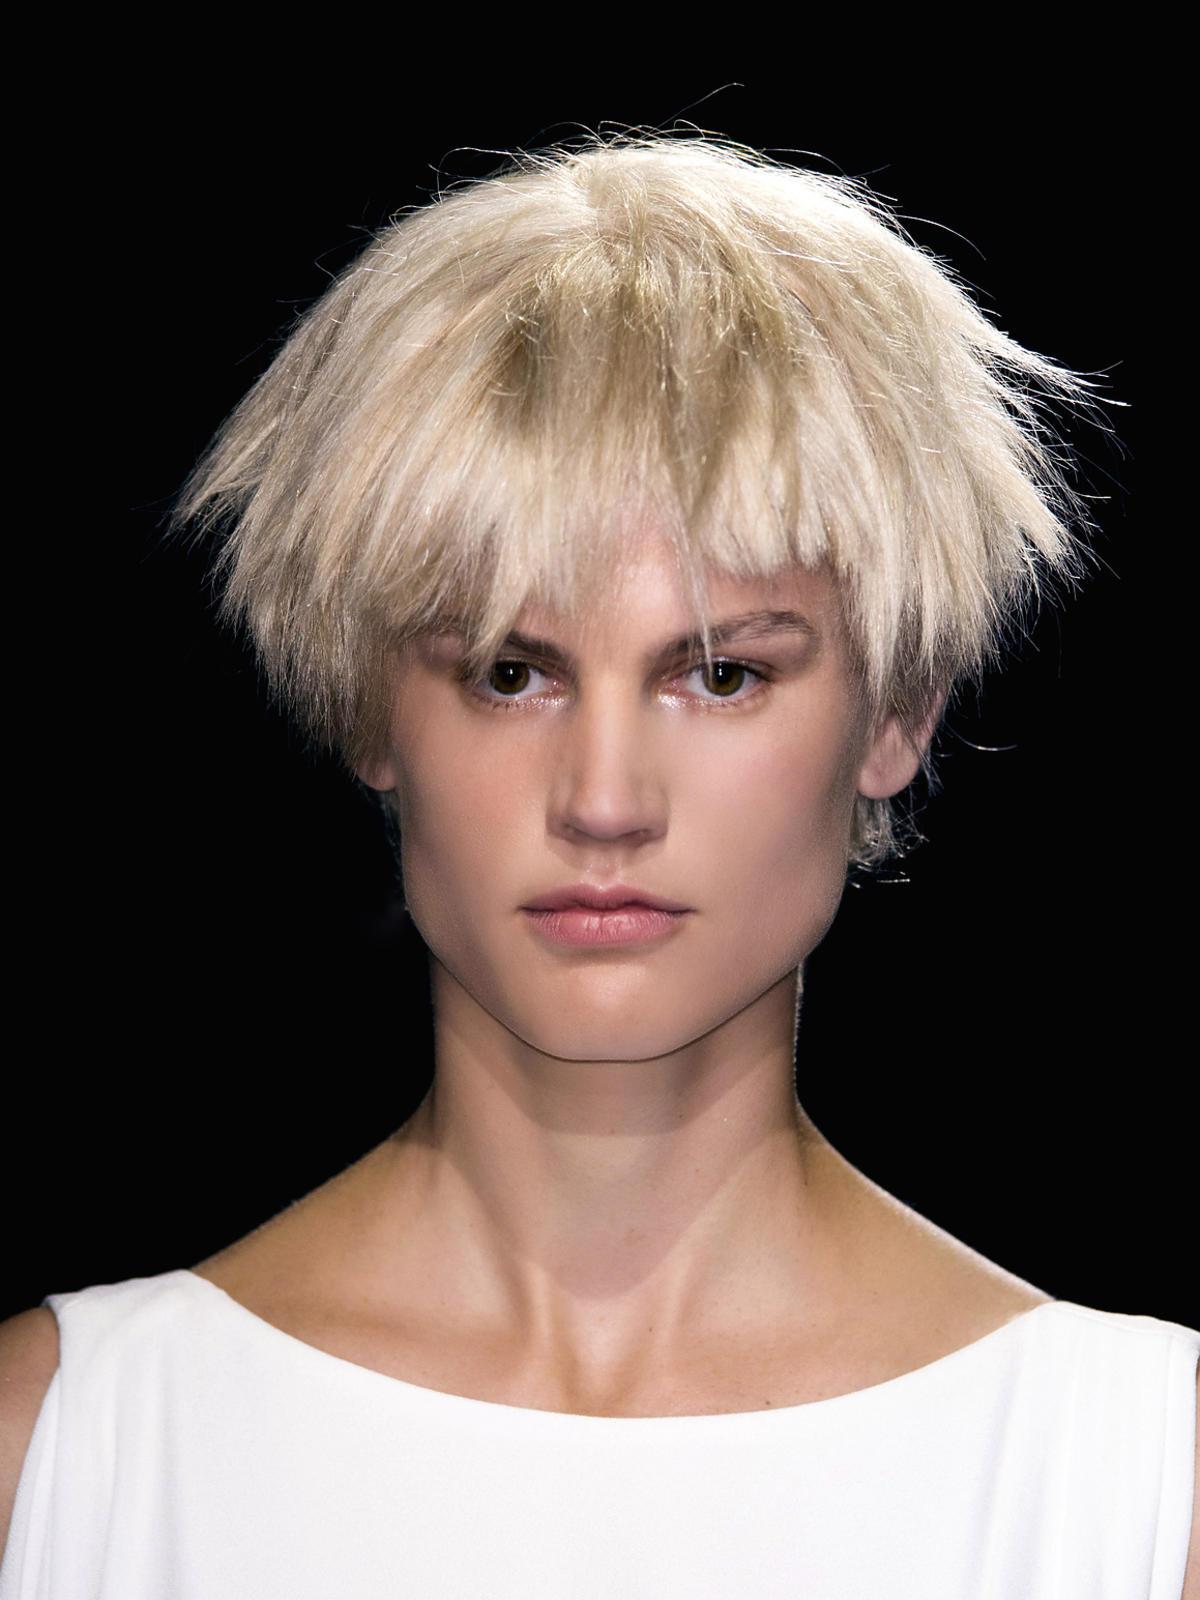 Platynowy blond na wiosnę 2015, Vionnet